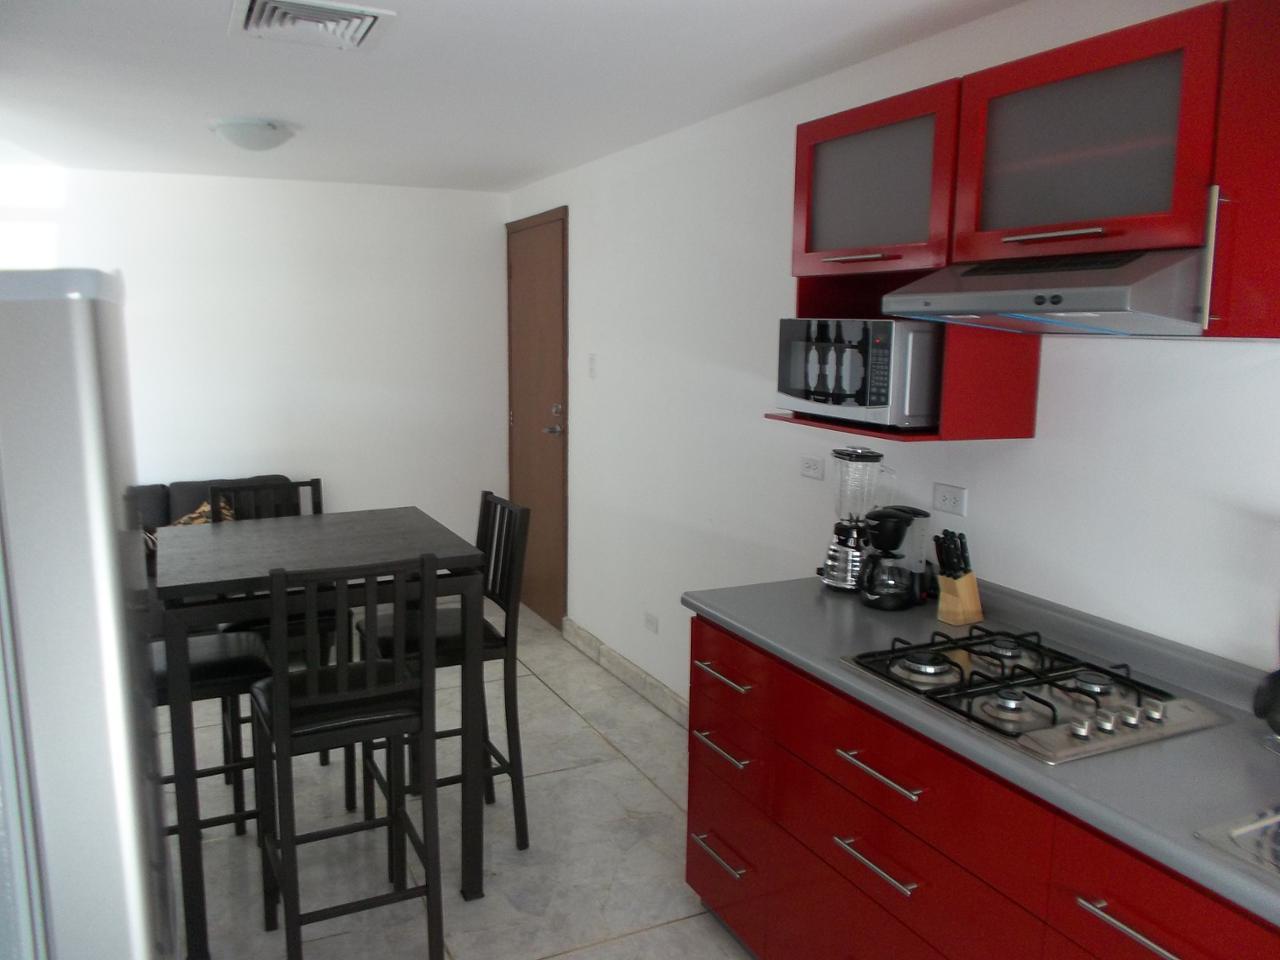 Departamento en Renta J. Dominguez No. 205, Col. San Felipe, Chihuahua